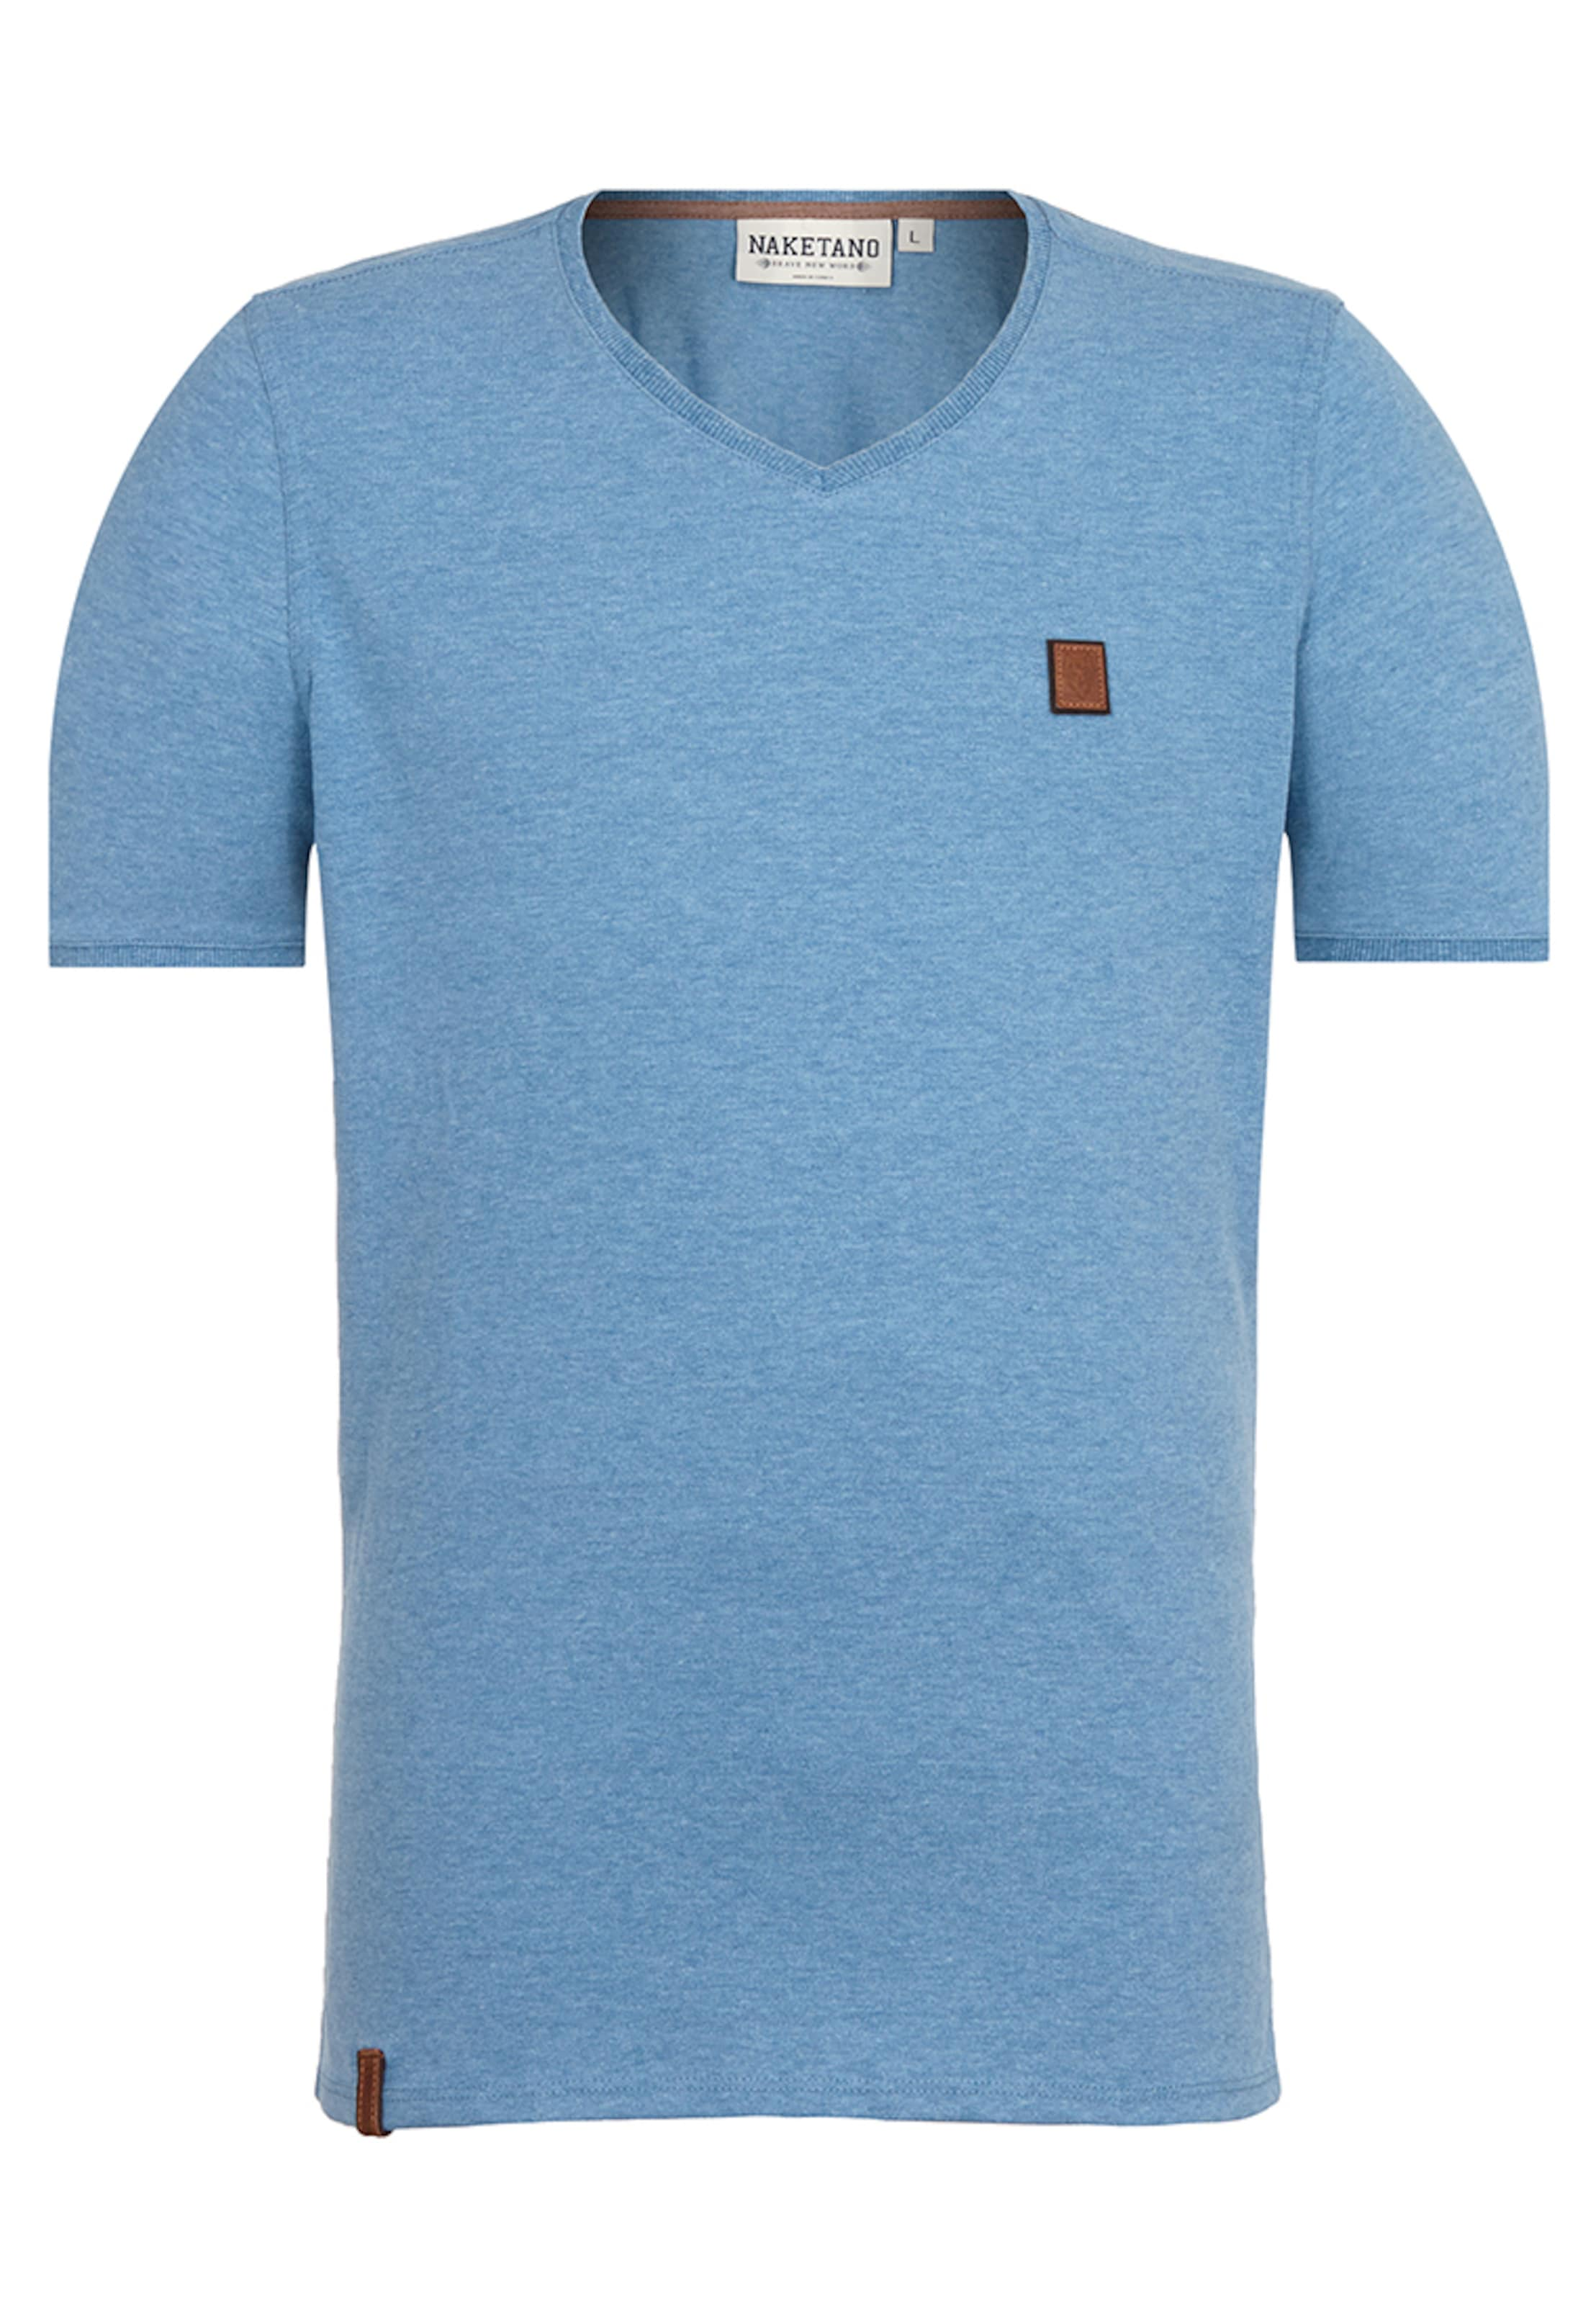 Freies Verschiffen Aus Deutschland Zu Verkaufen Sehr Billig naketano T-Shirt 'Gelinde gesagt IV' 0H3Yp